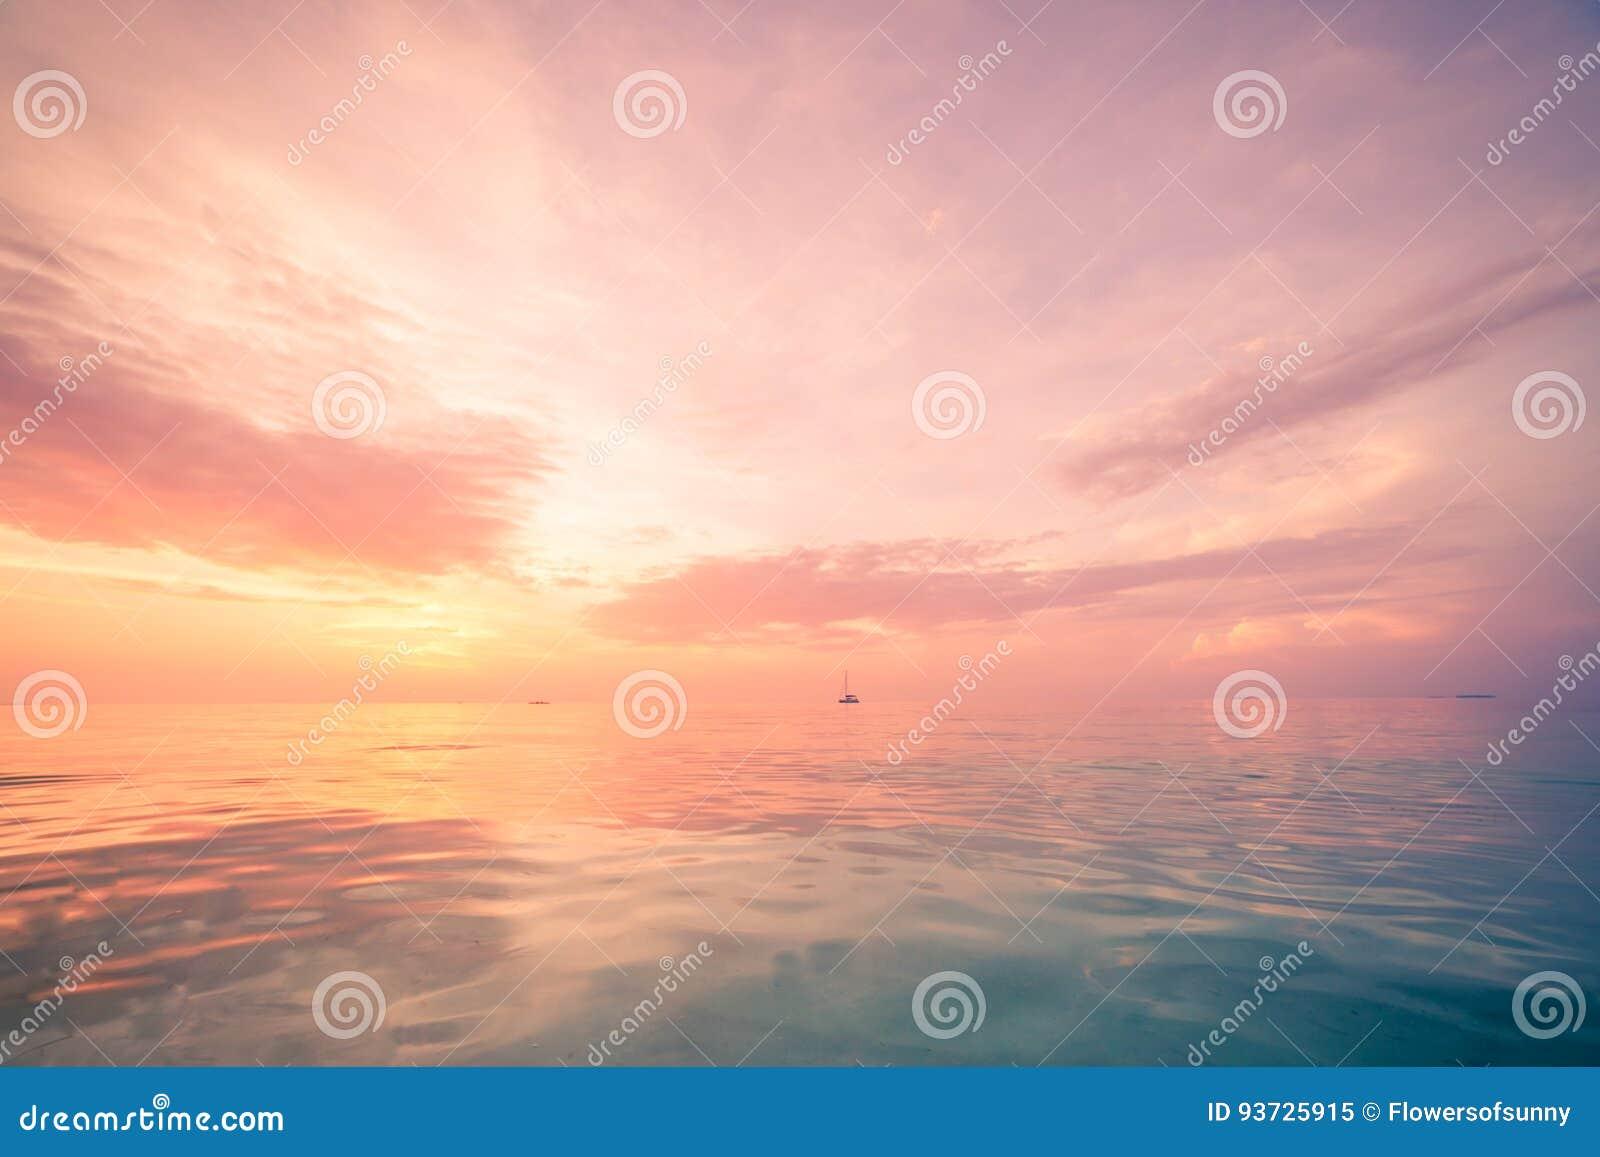 Εμπνευσμένη άποψη θάλασσας και ουρανού με τον ορίζοντα και τα χαλαρώνοντας χρώματα